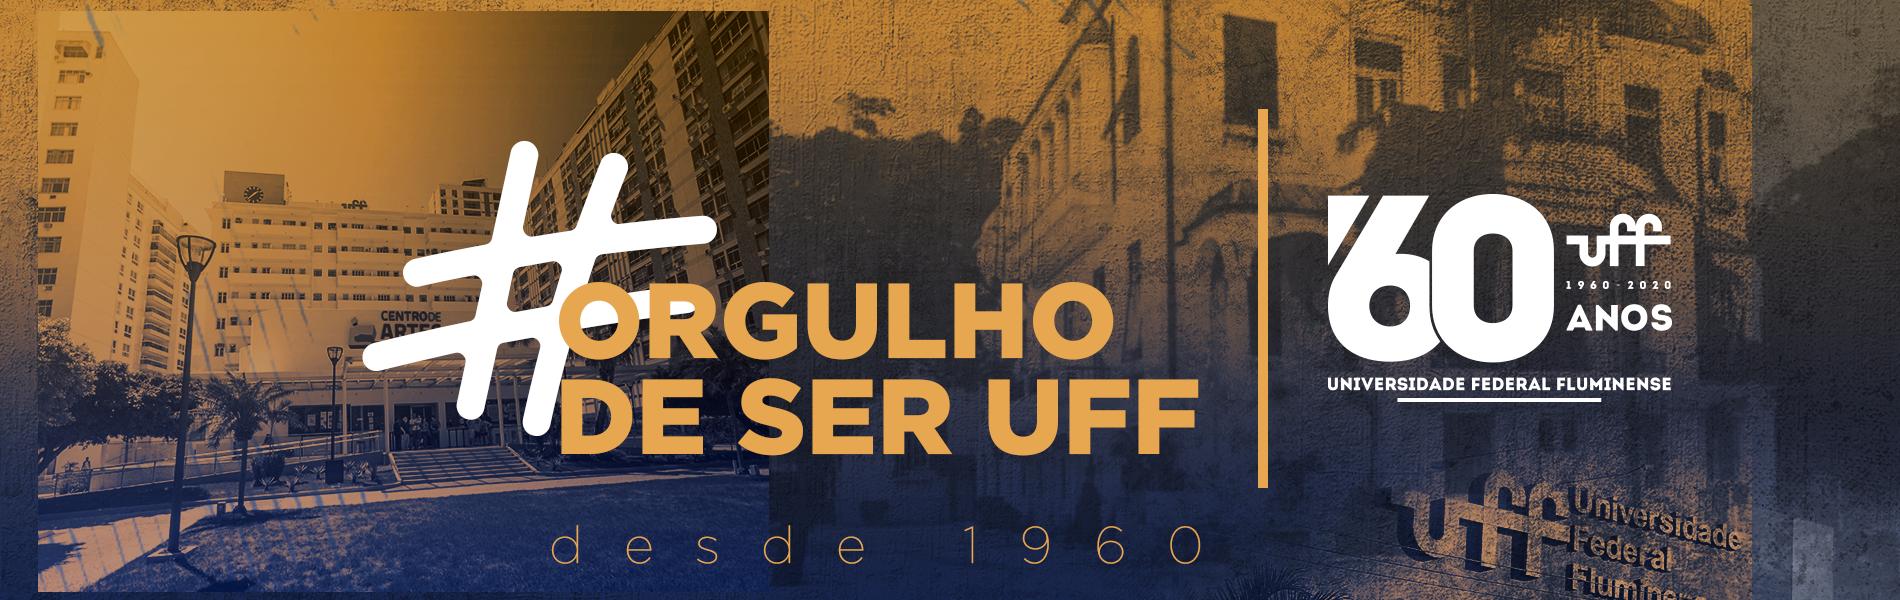 imagem da fachada atual da reitoria da UFF ao lado de uma imagem do antigo cassino, sob o logo dos 60 anos da UFF